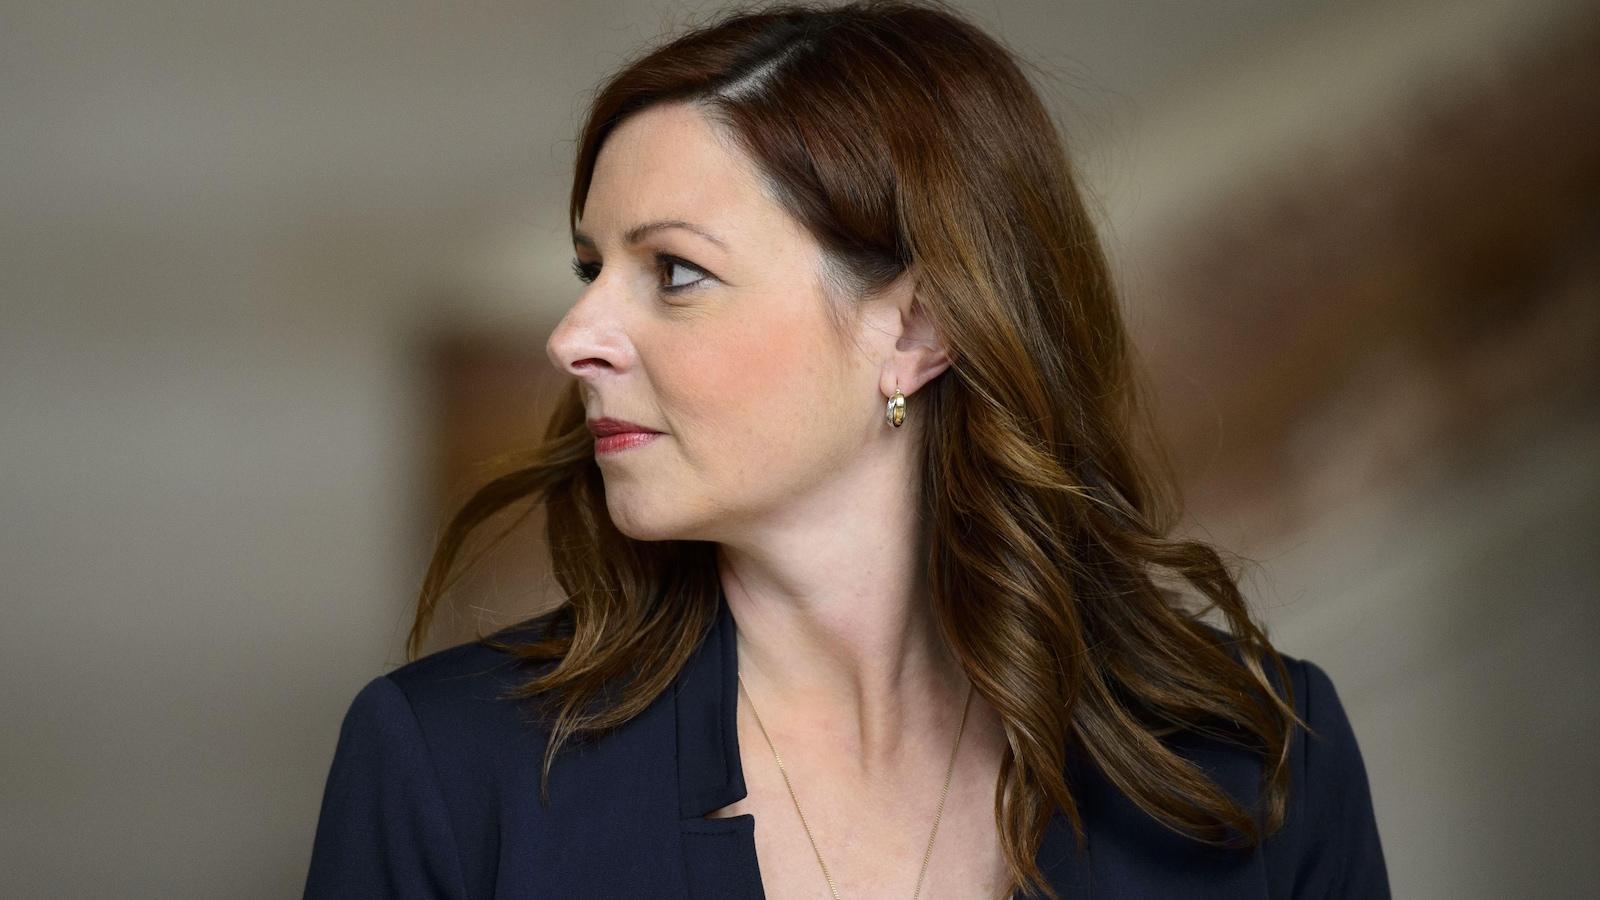 Une photo de la journaliste de Radio-Canada Marie-Maude Denis dans le foyer de la Cour suprême du Canada.